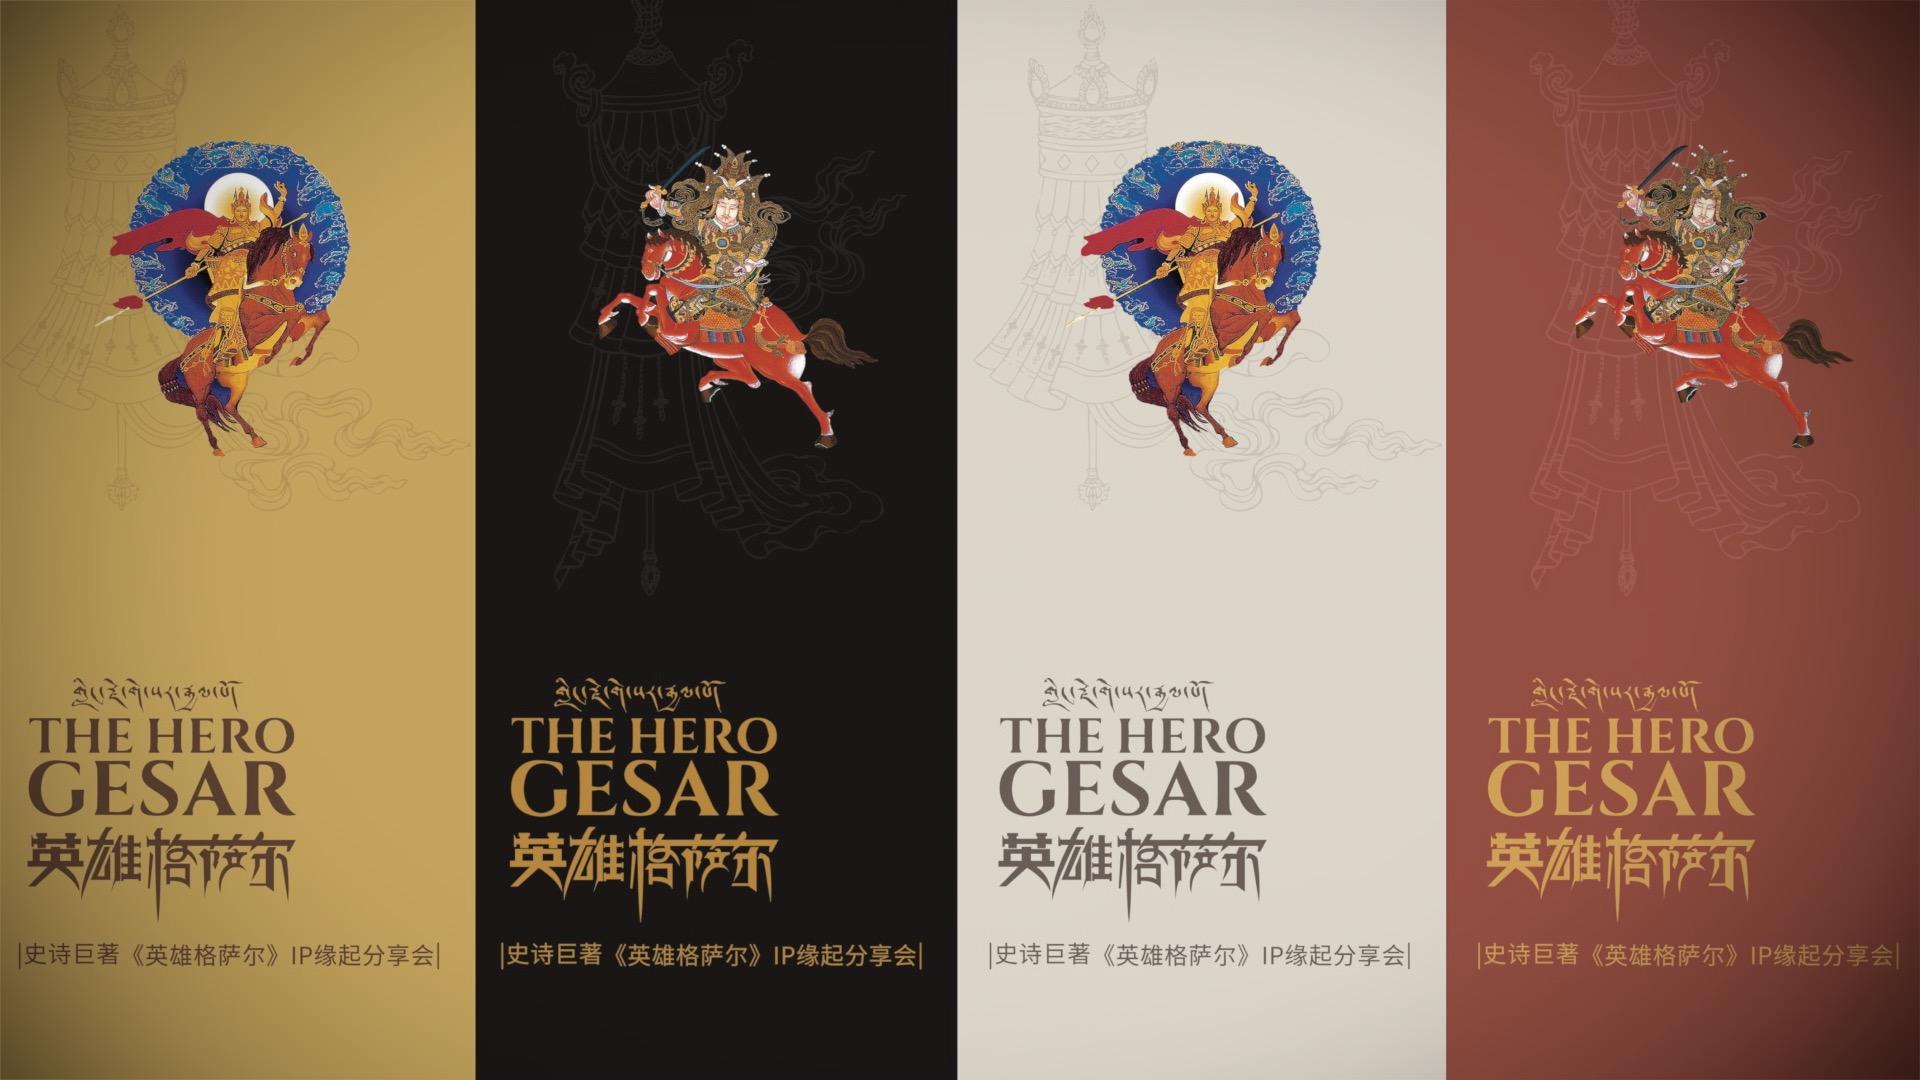 《英雄格萨尔》IP缘起分享会在京举办